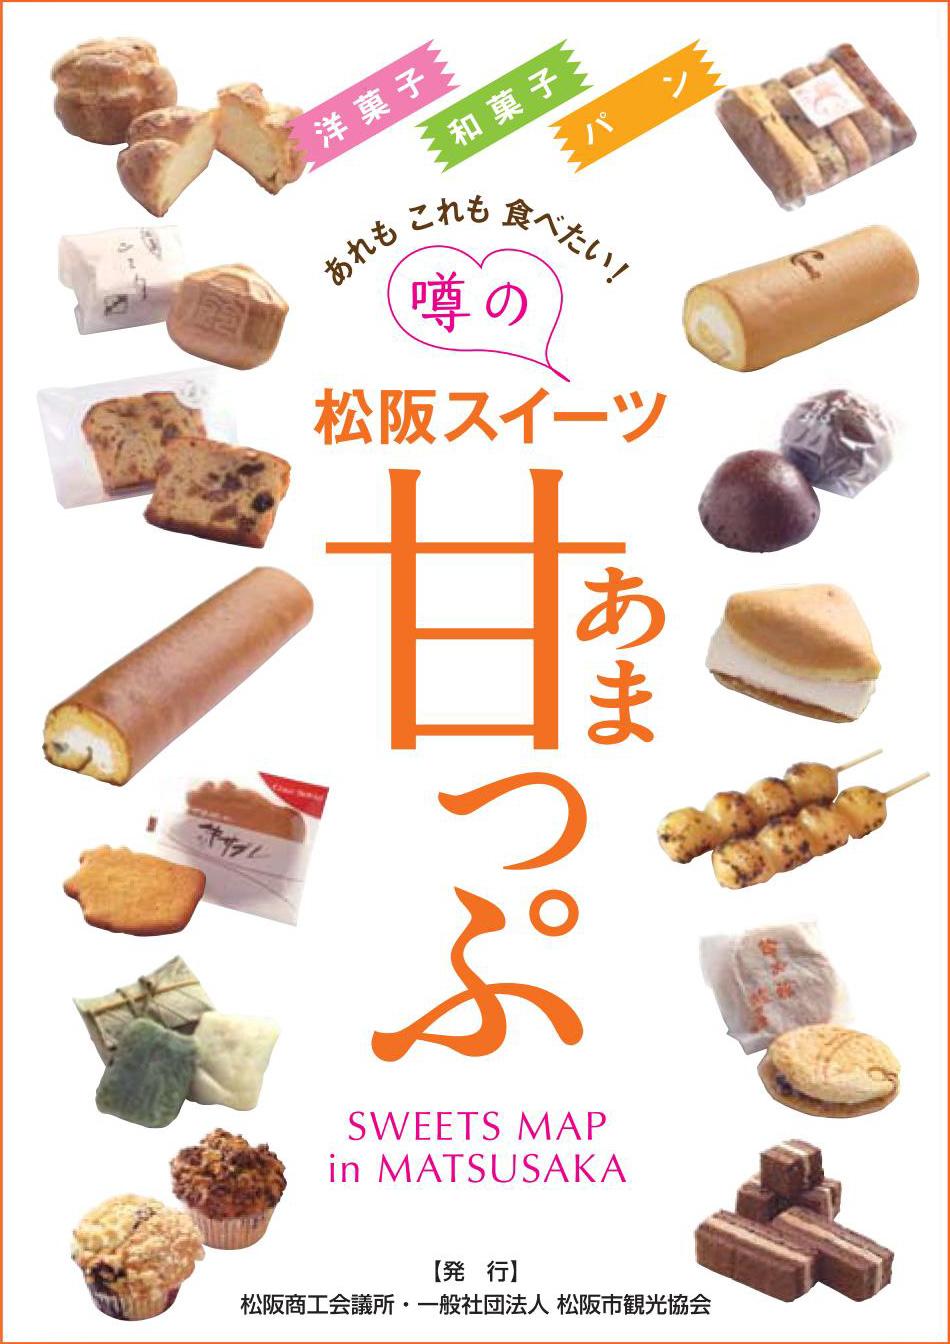 松阪スイーツ『甘っぷ』を発行しました!